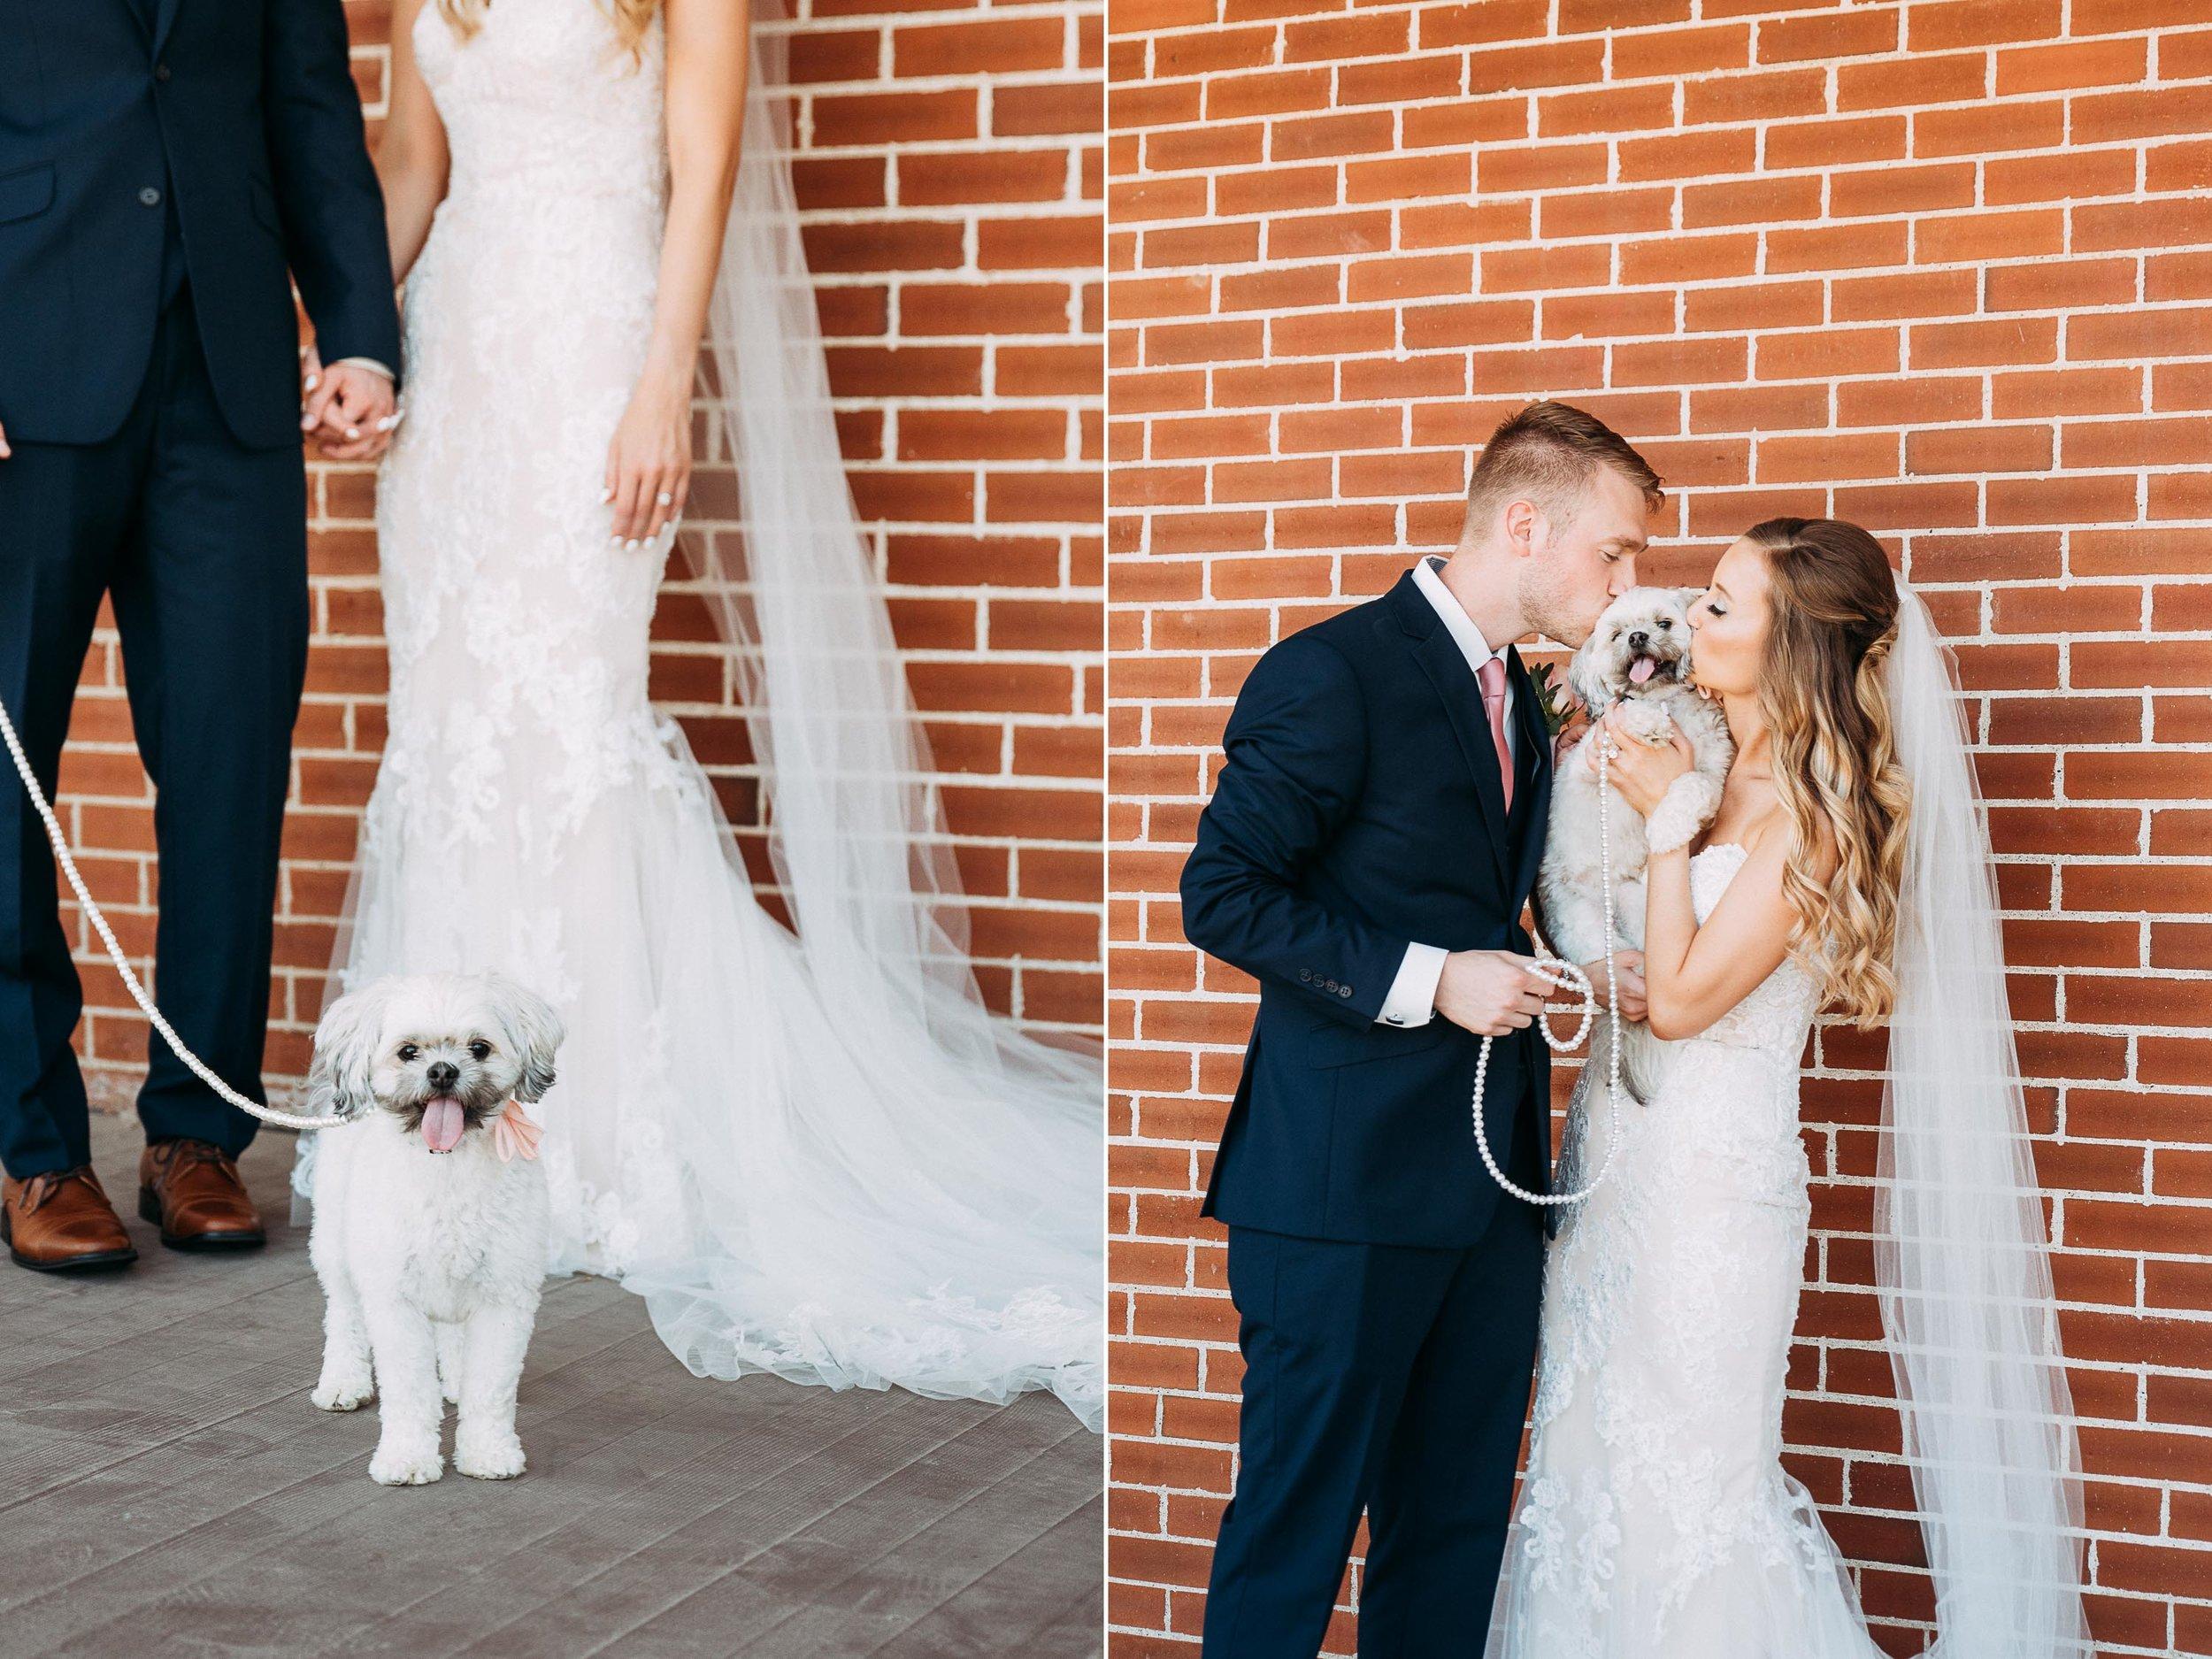 20-WeddingsattheBroz_Minnesota_WeddingBlog_Dog.jpg